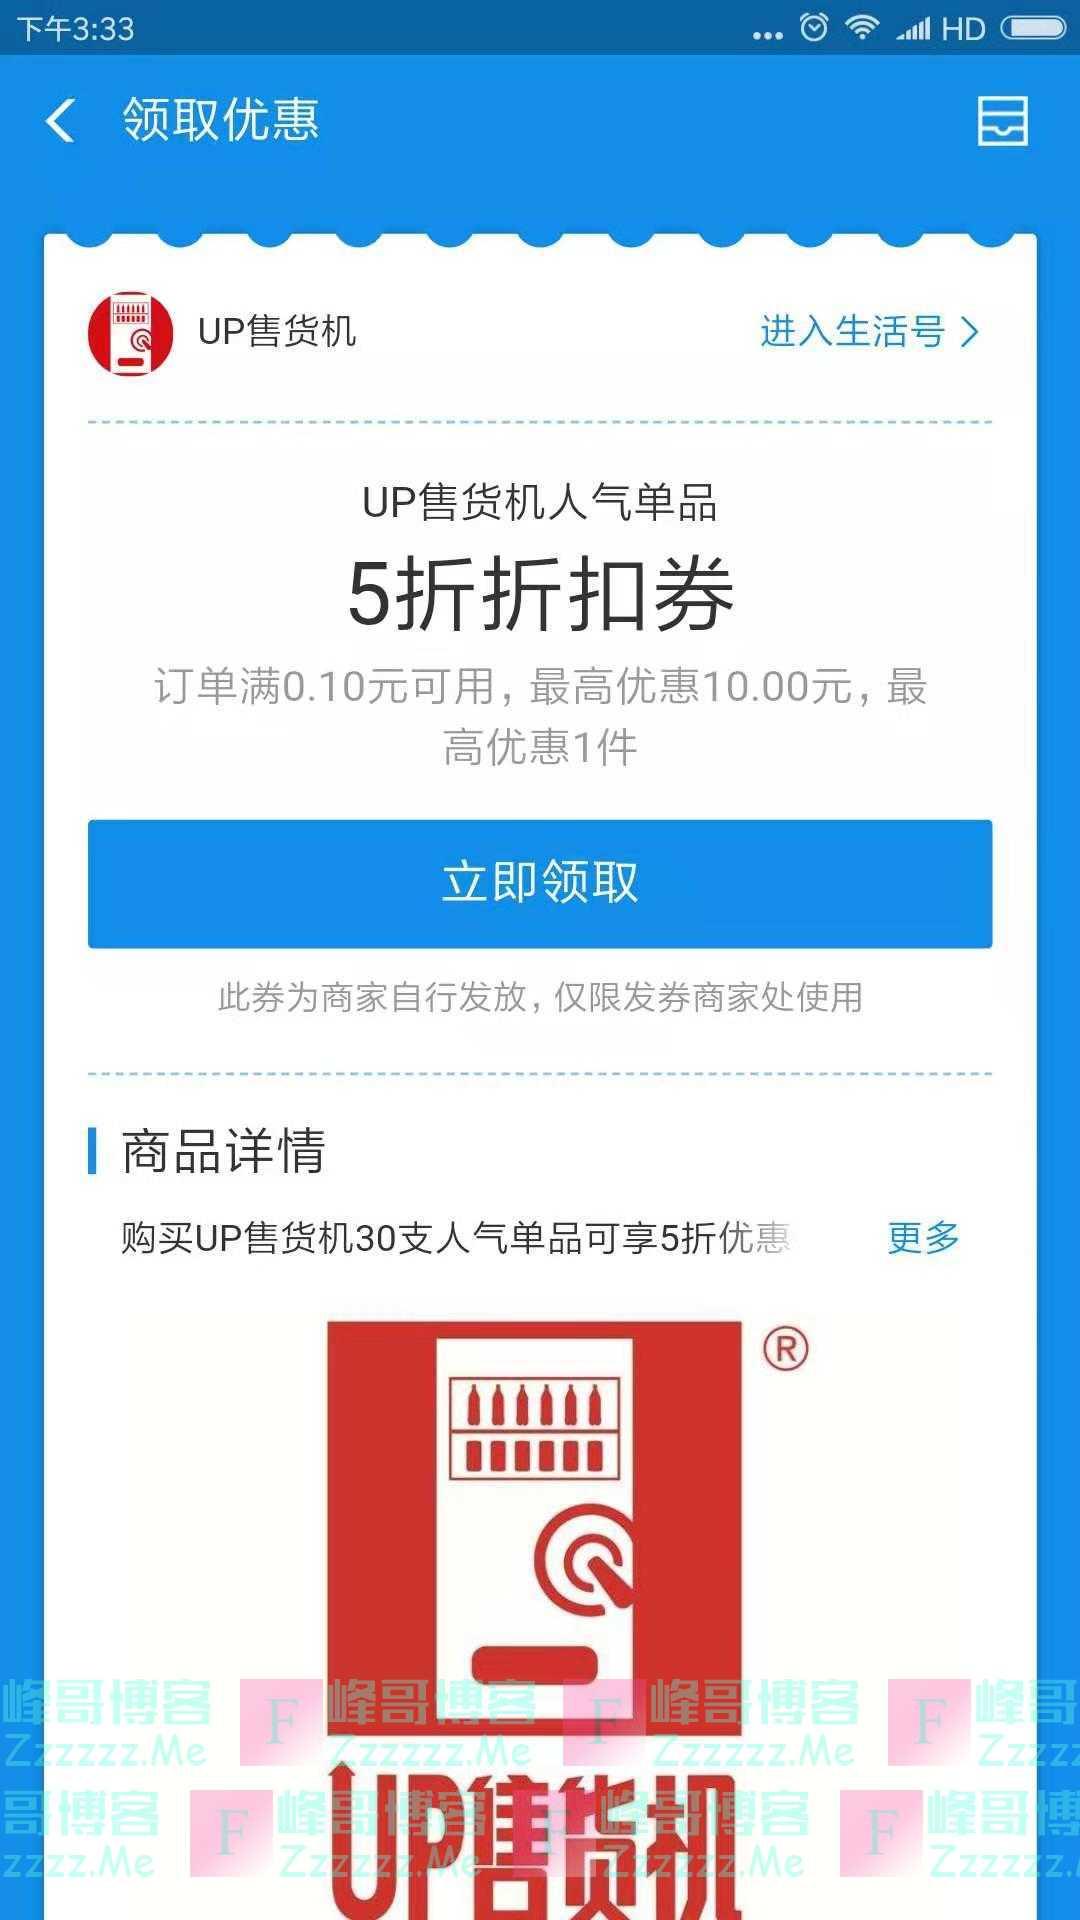 UP售货机支付宝5折抵扣券(截止10月17日)